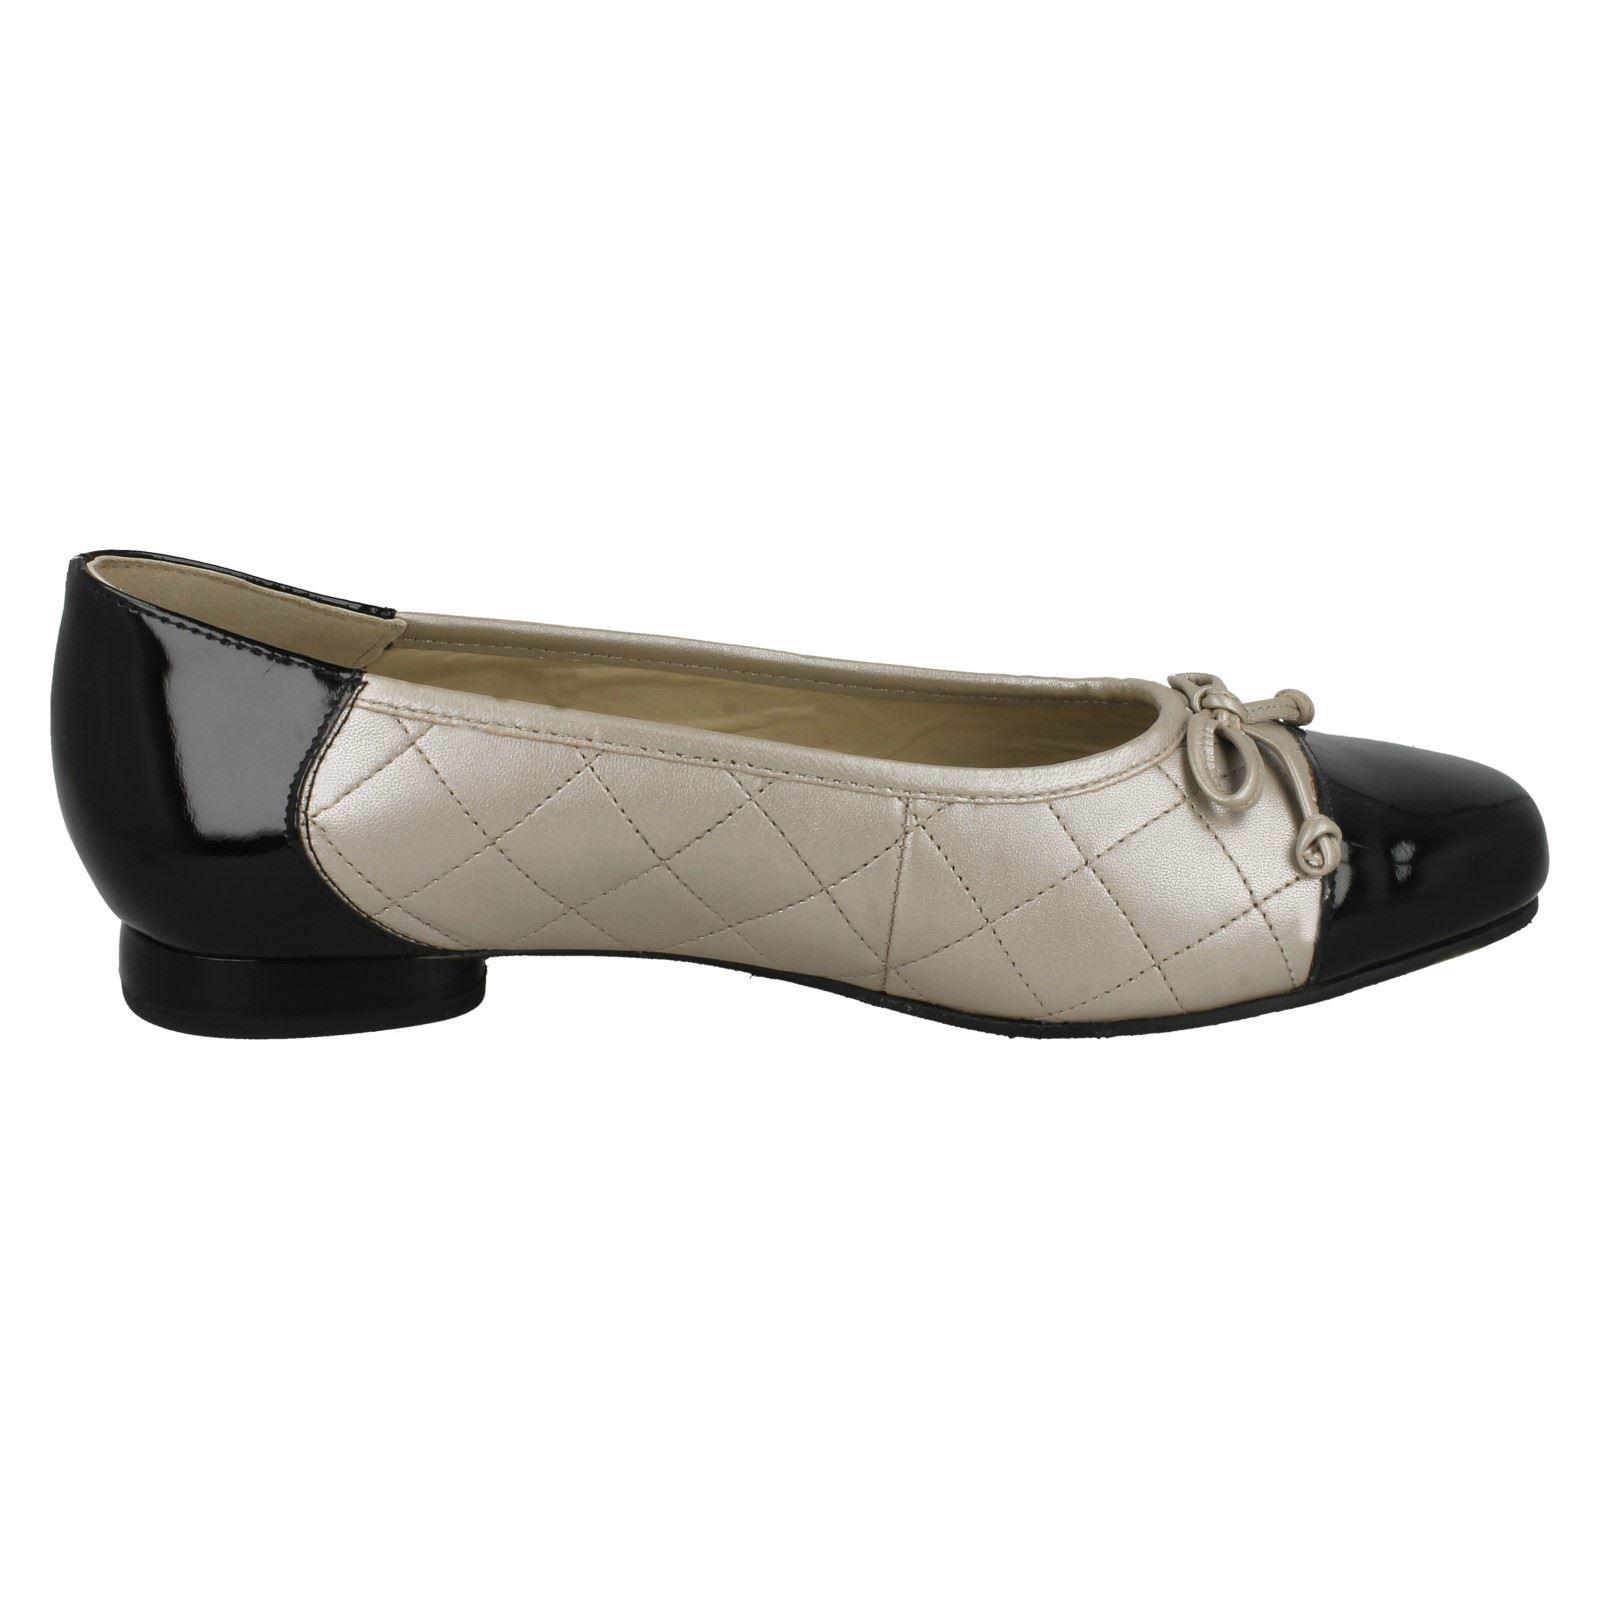 Mujer Mujer Mujer Equity Corte Ancho Ballet Zapatos Estilo 'Patitas' fa37d2